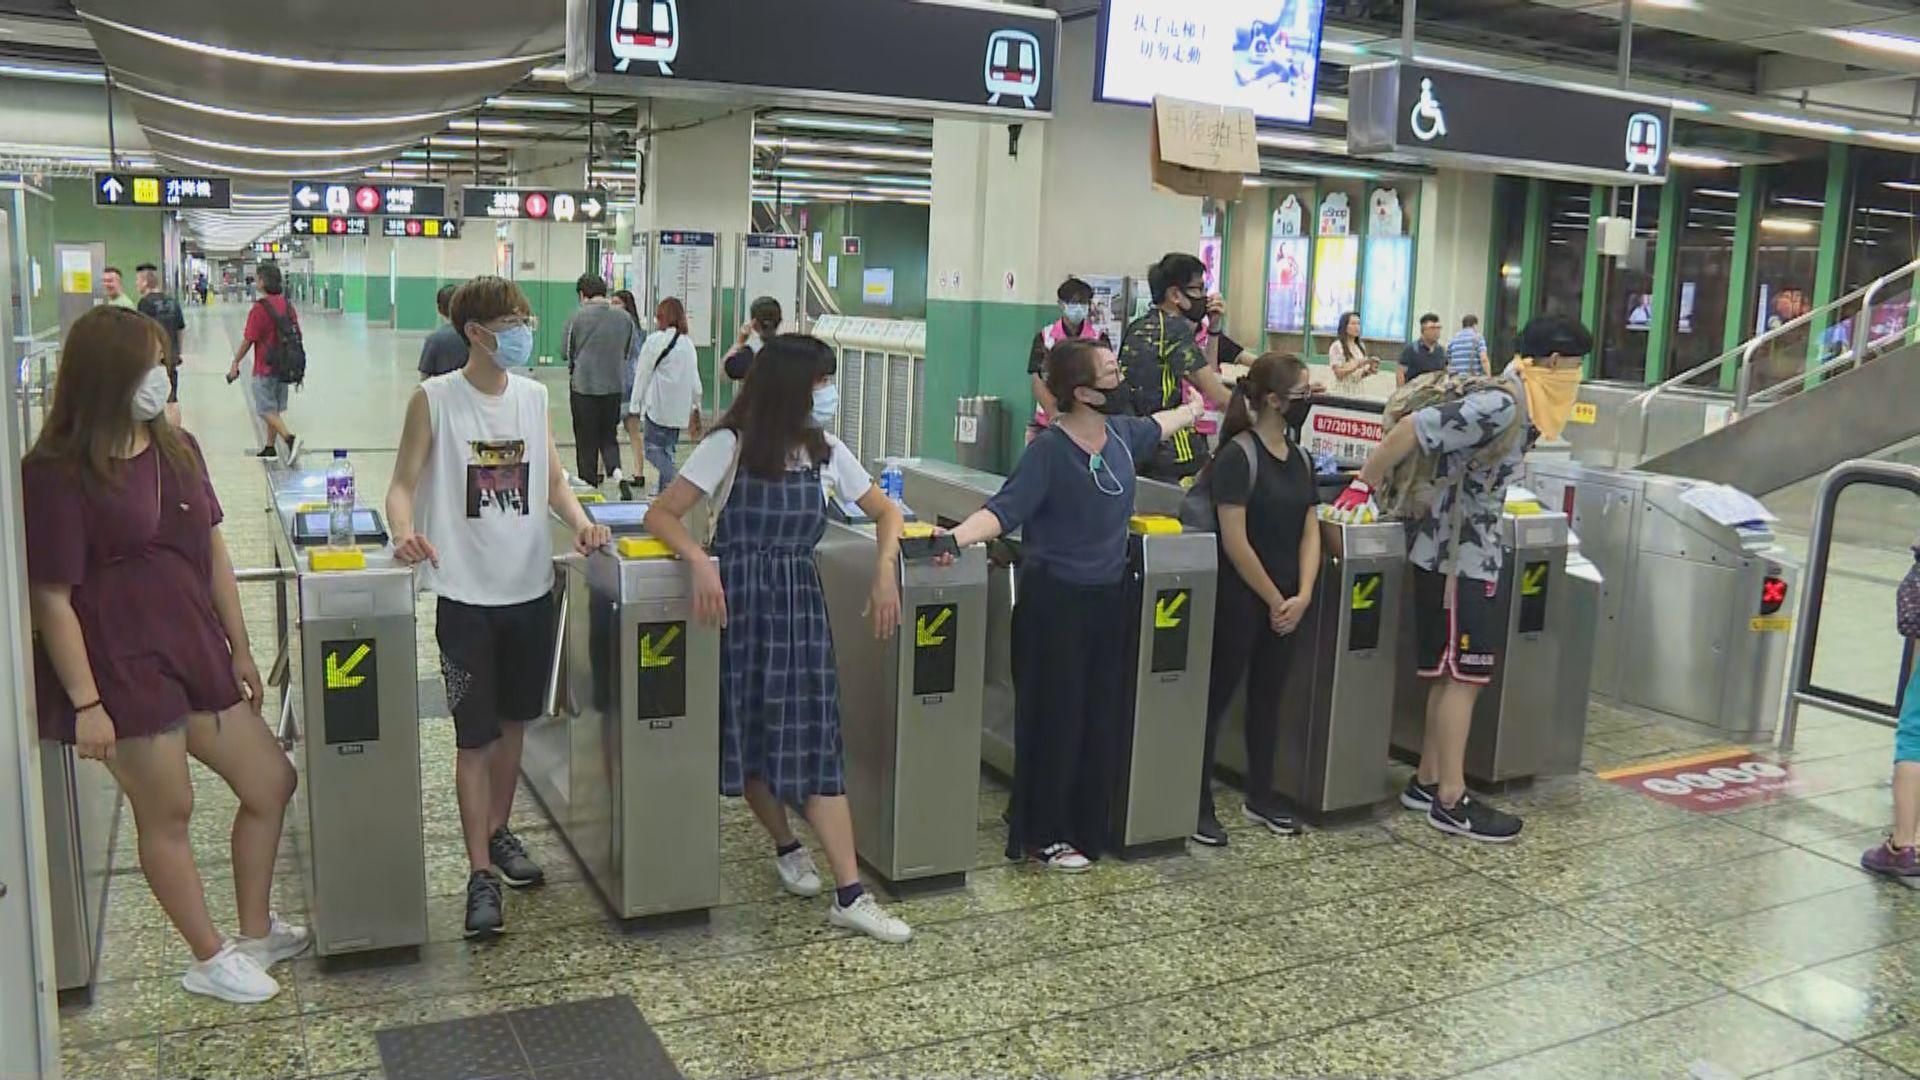 市民葵芳站聚集促交代站內放催淚彈事件